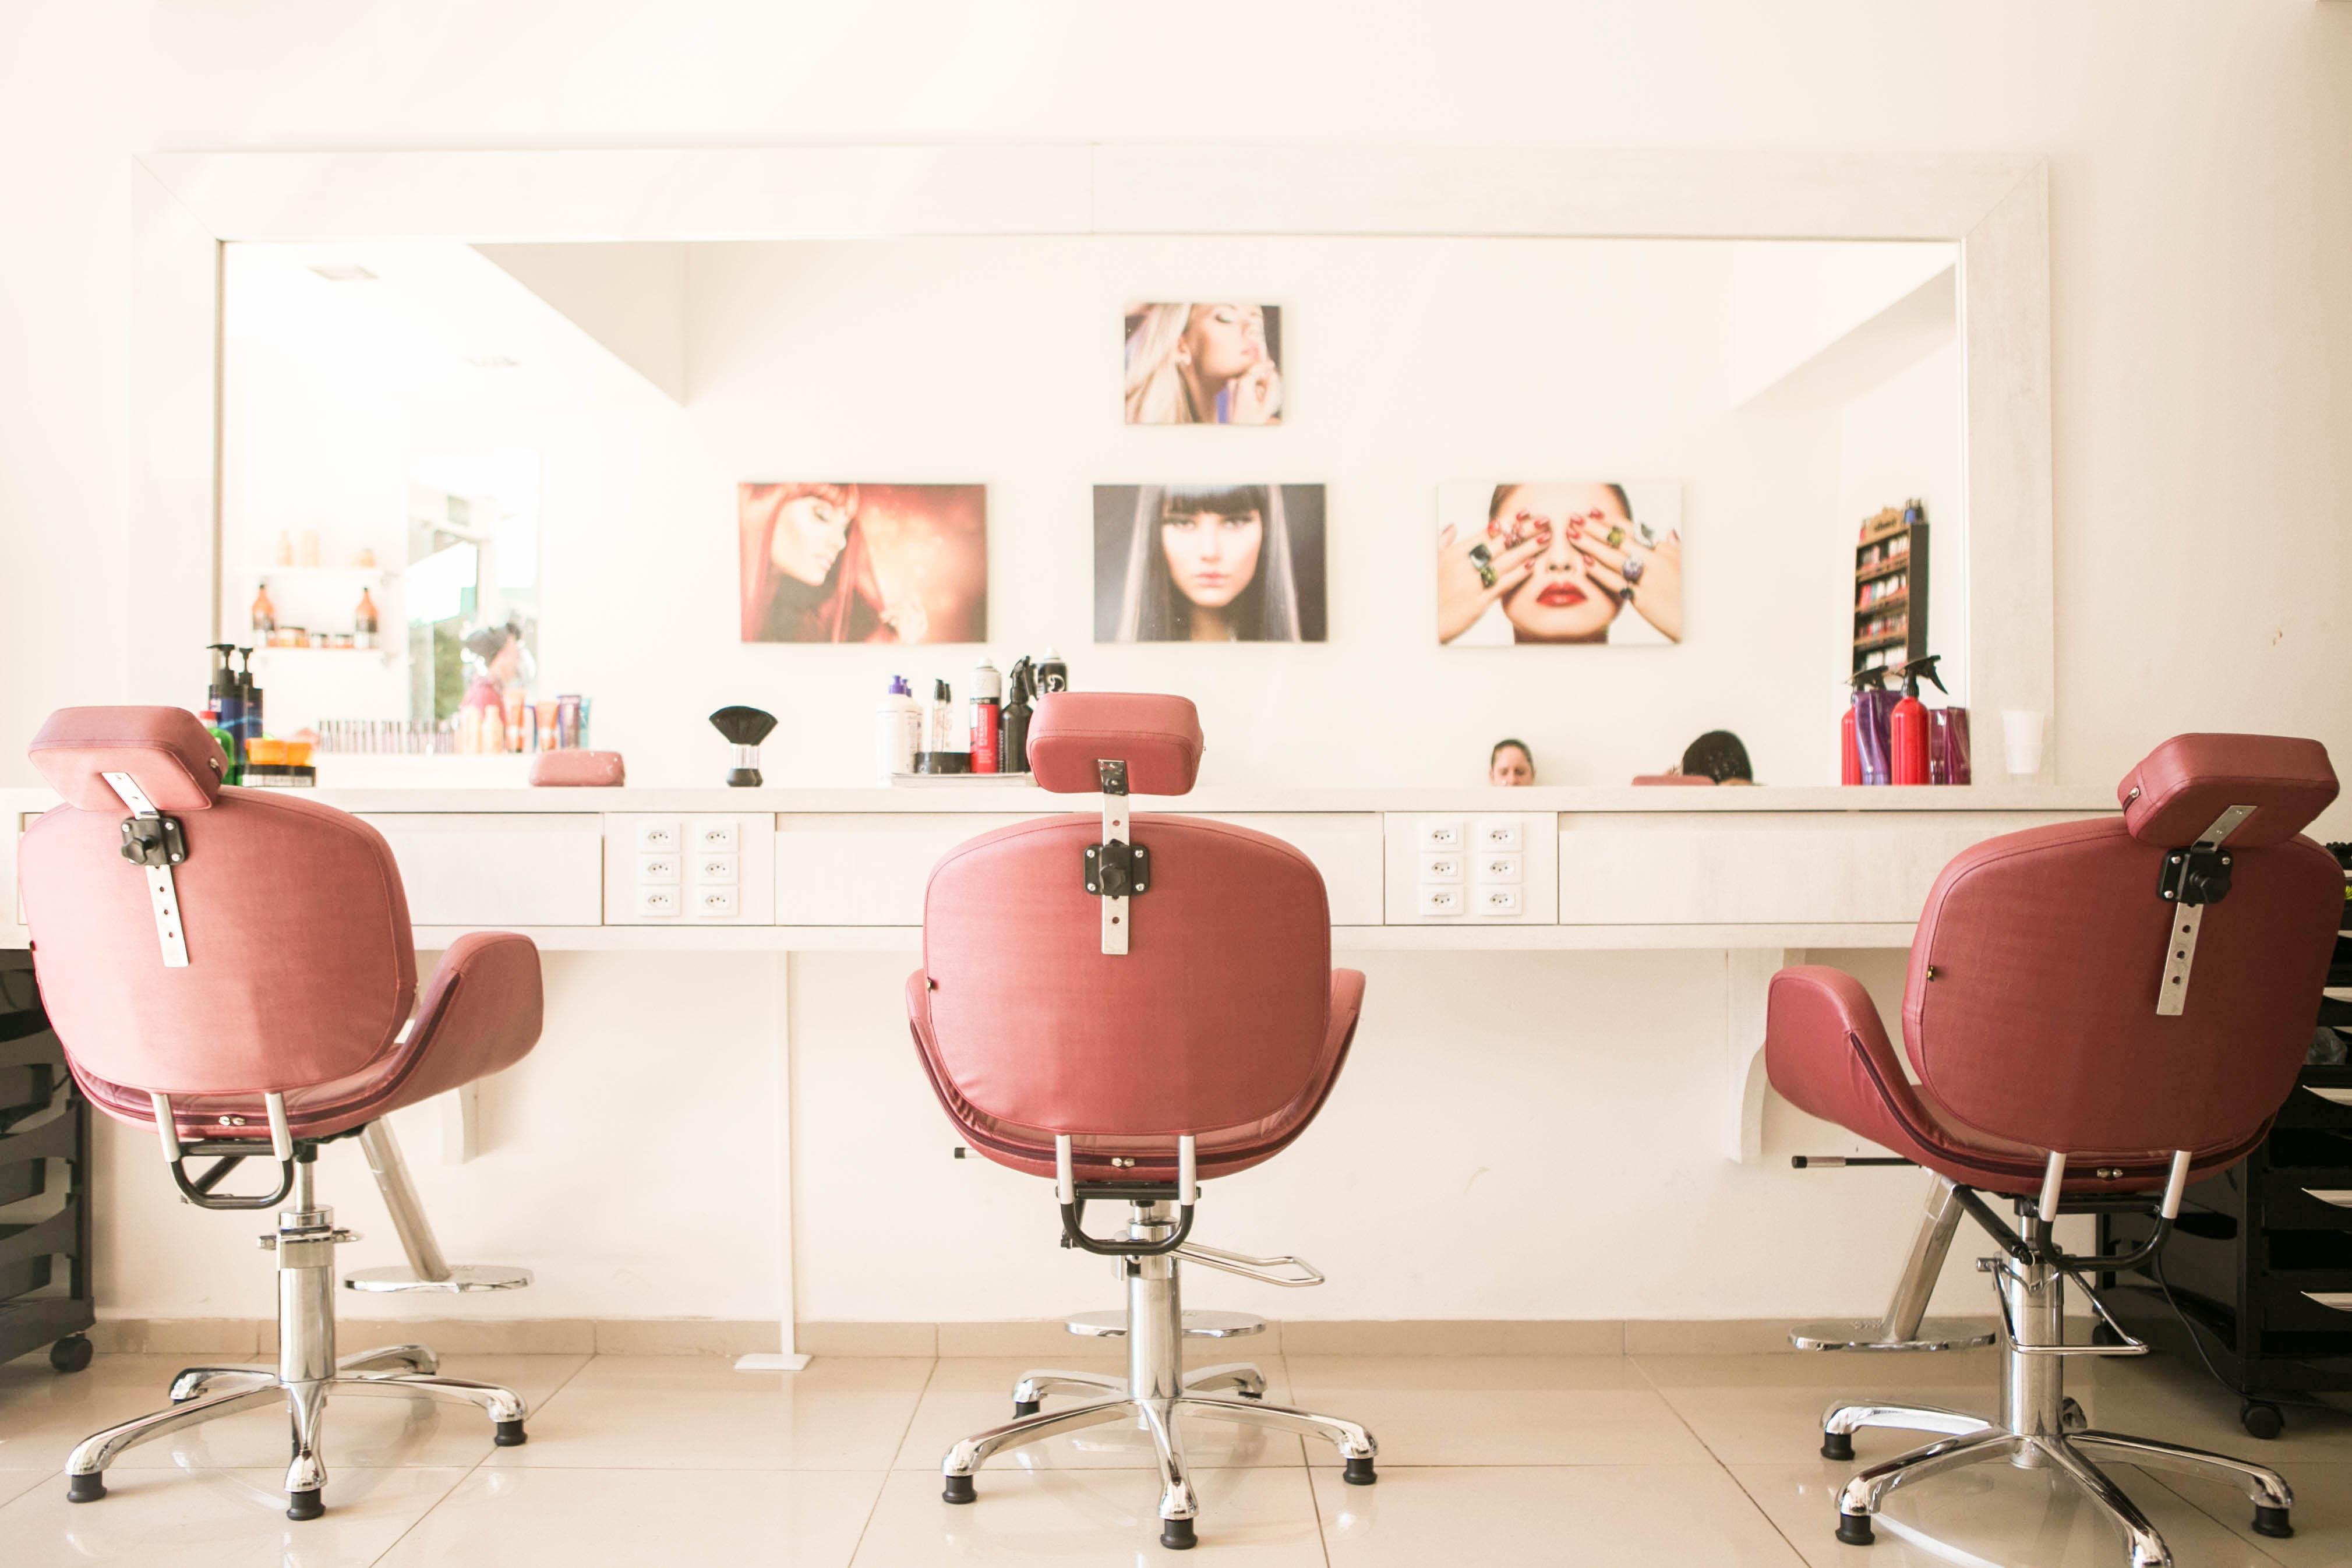 Salon Promotion 10 Unique Ways To